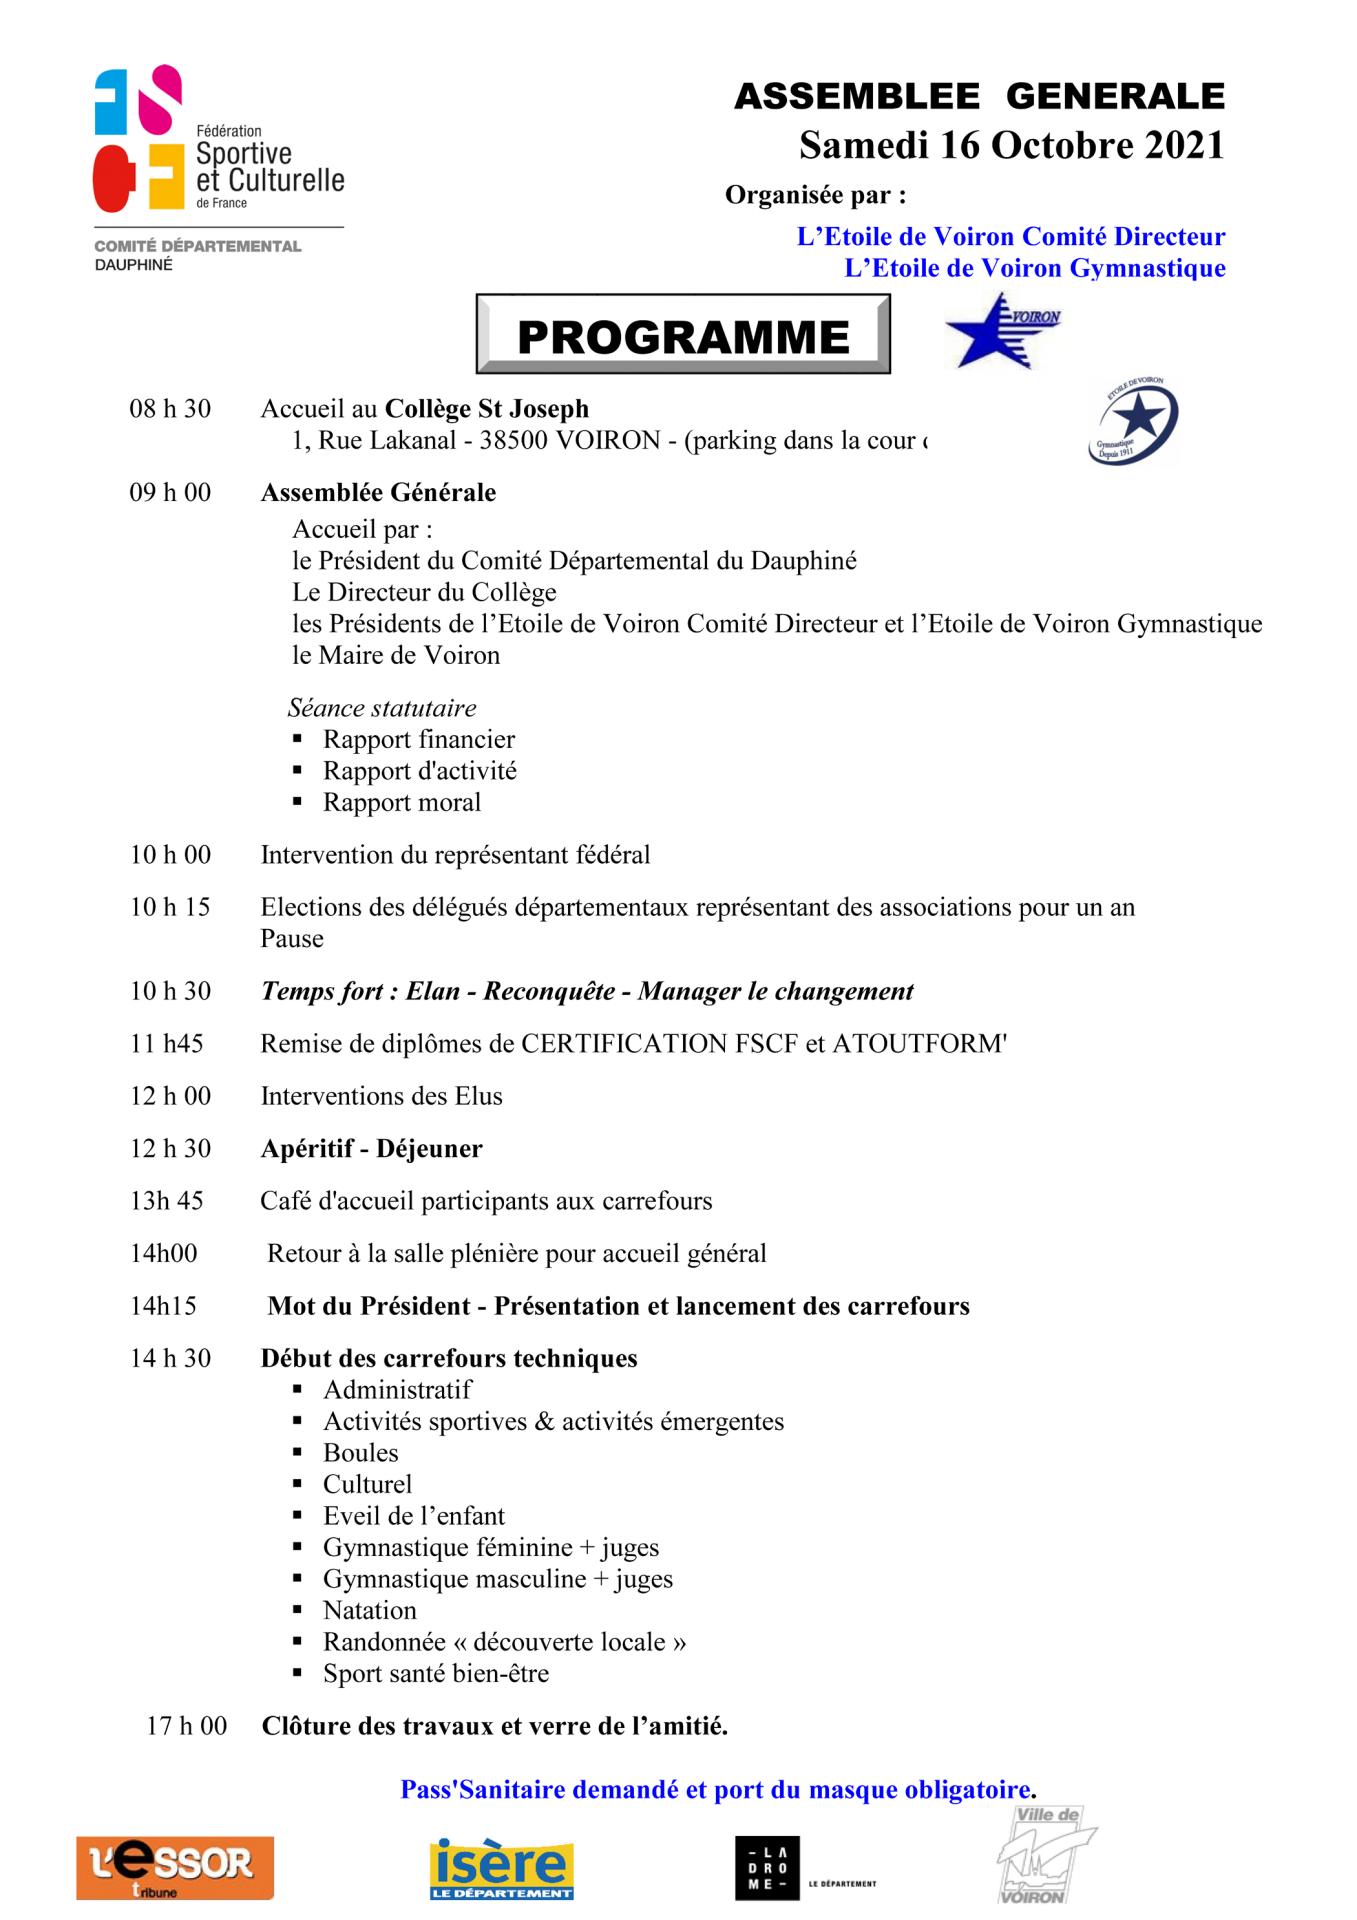 Programme ag 2021